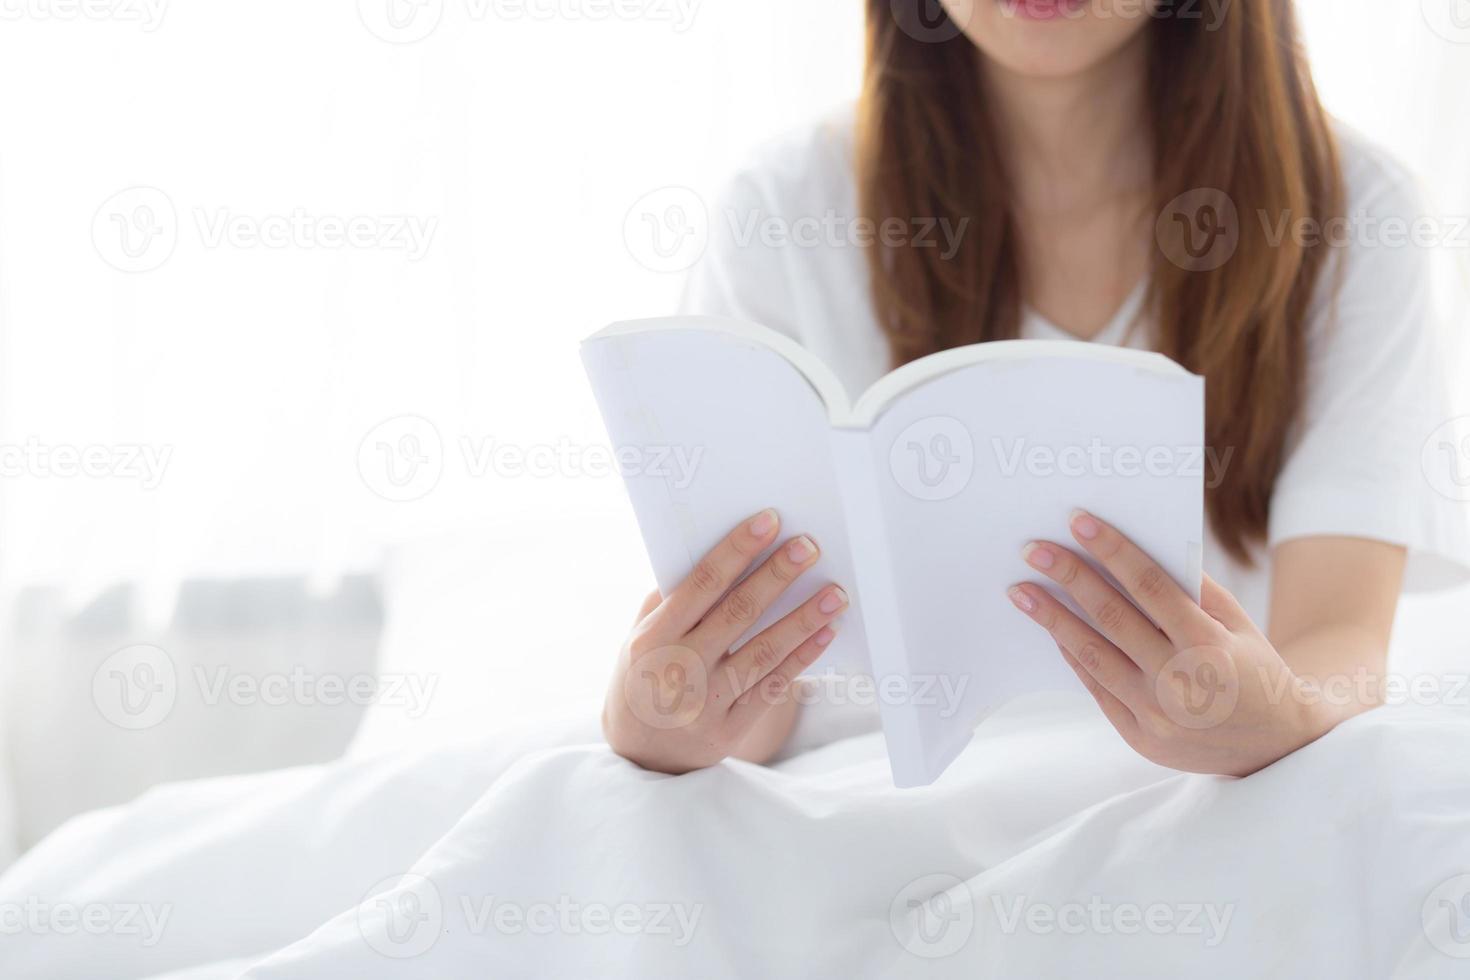 hermoso de retrato joven mujer asiática relajarse sentado leyendo un libro en el dormitorio en casa, la literatura de estudio de la niña, la educación y el concepto de estilo de vida. foto